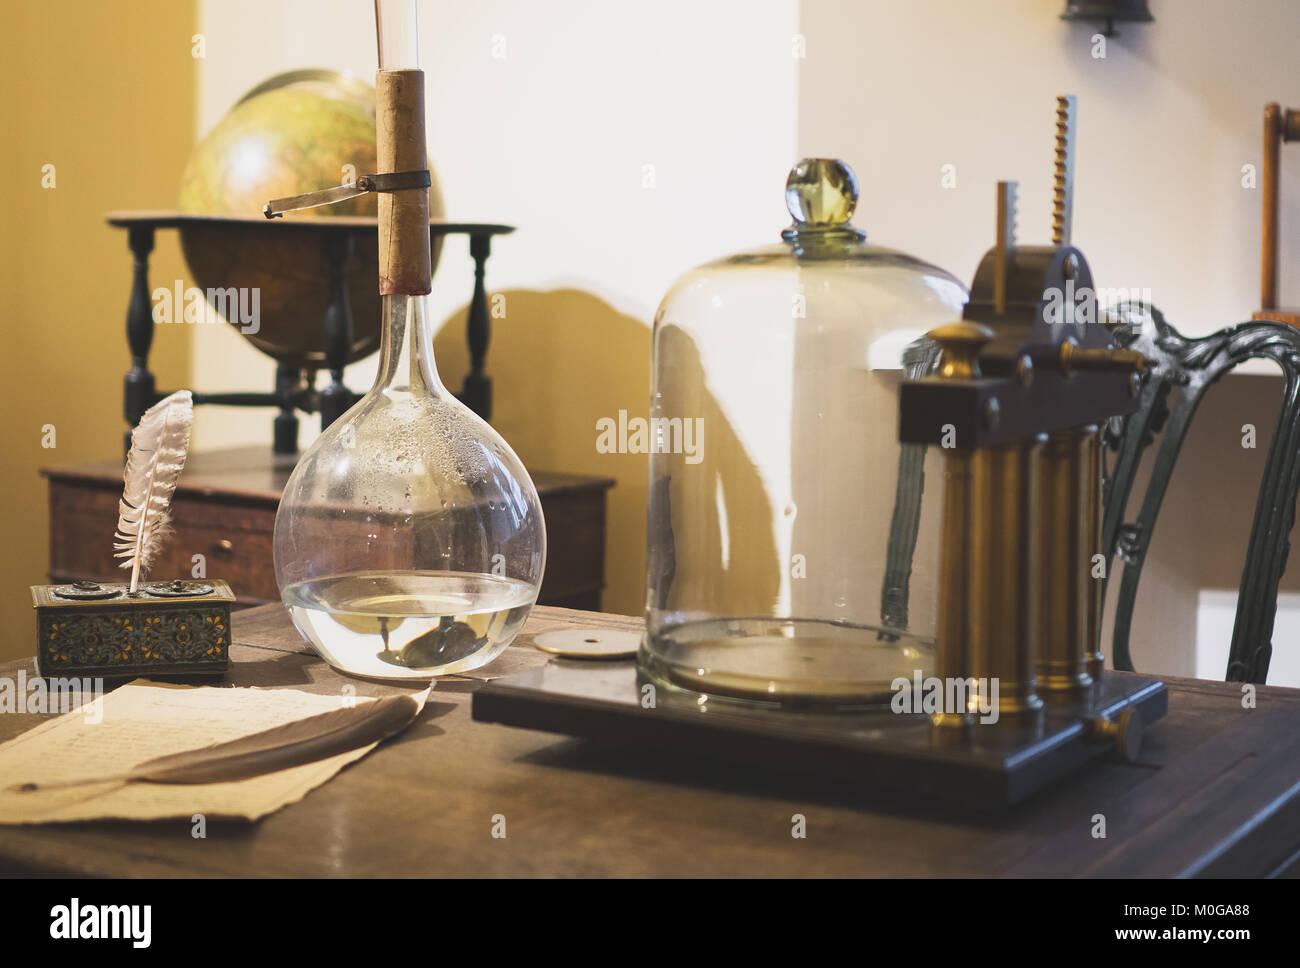 Scientist alchemy alchemist stockfotos scientist alchemy for Studium inneneinrichtung